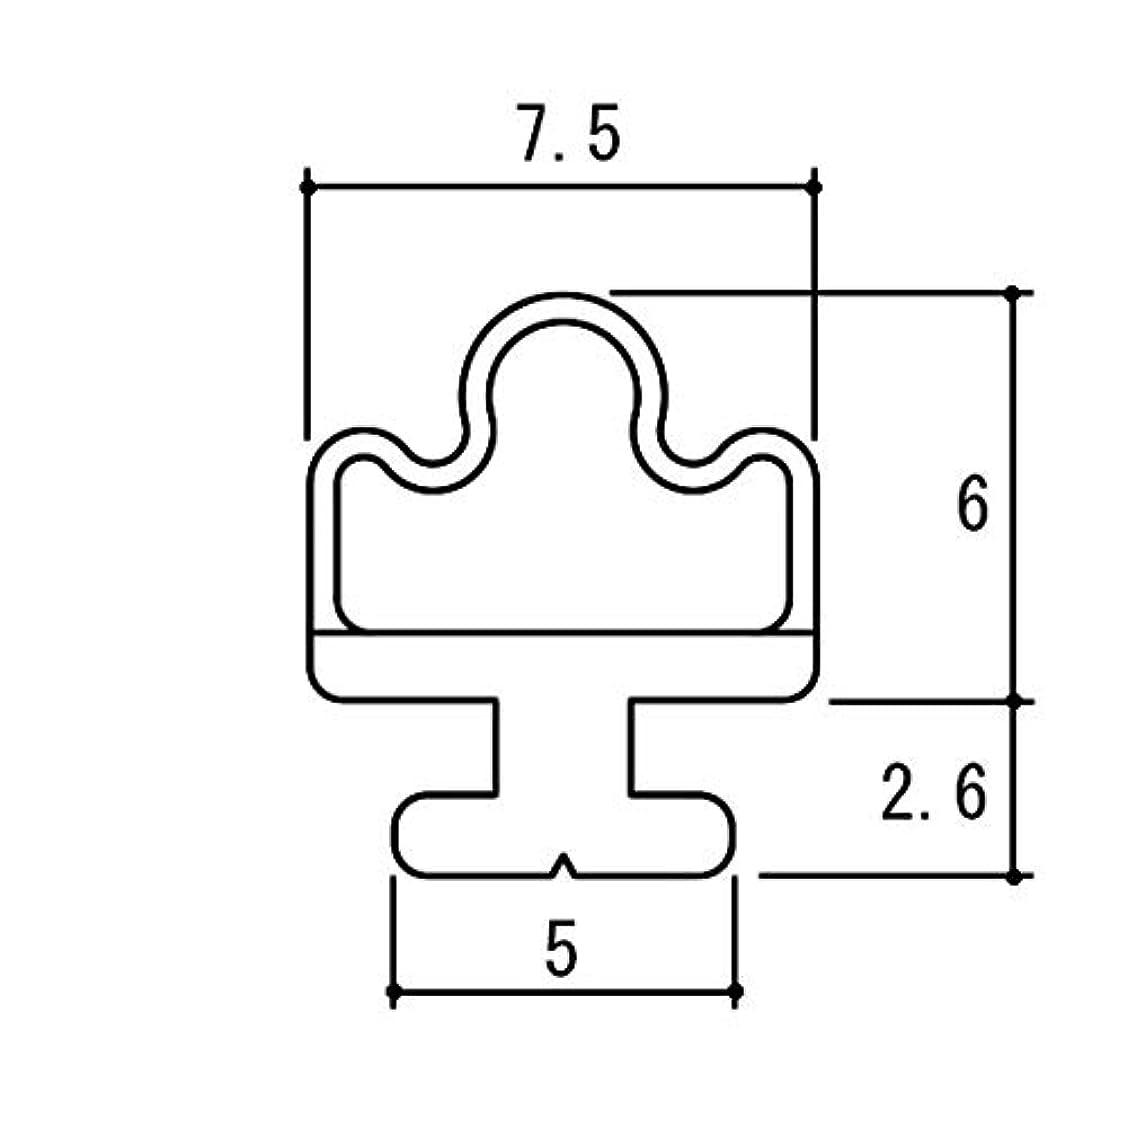 理解する幹聴衆三協アルミ部品 浴室 気密材:気密材(上下たて枠)10m[PH2549] [WH]ホワイト